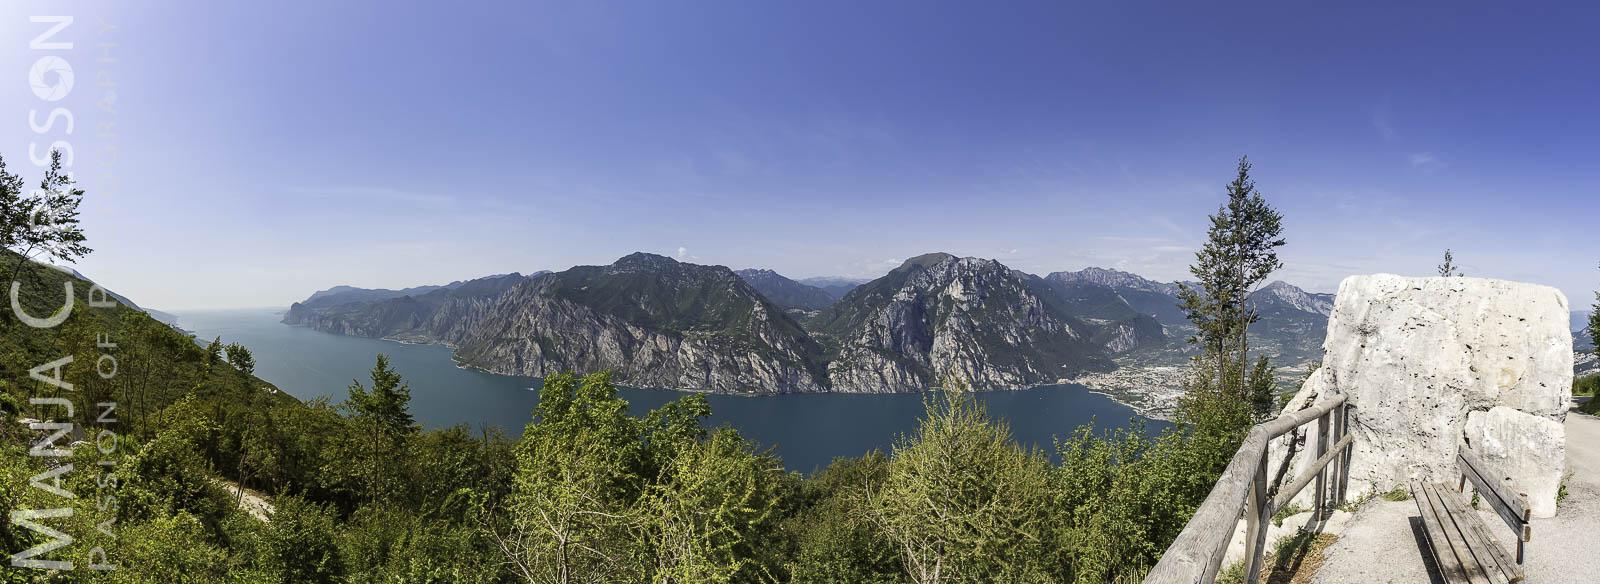 Panorama-Blick auf den Gardasee vom Monte Baldo (aus 16 HK-Fotos)